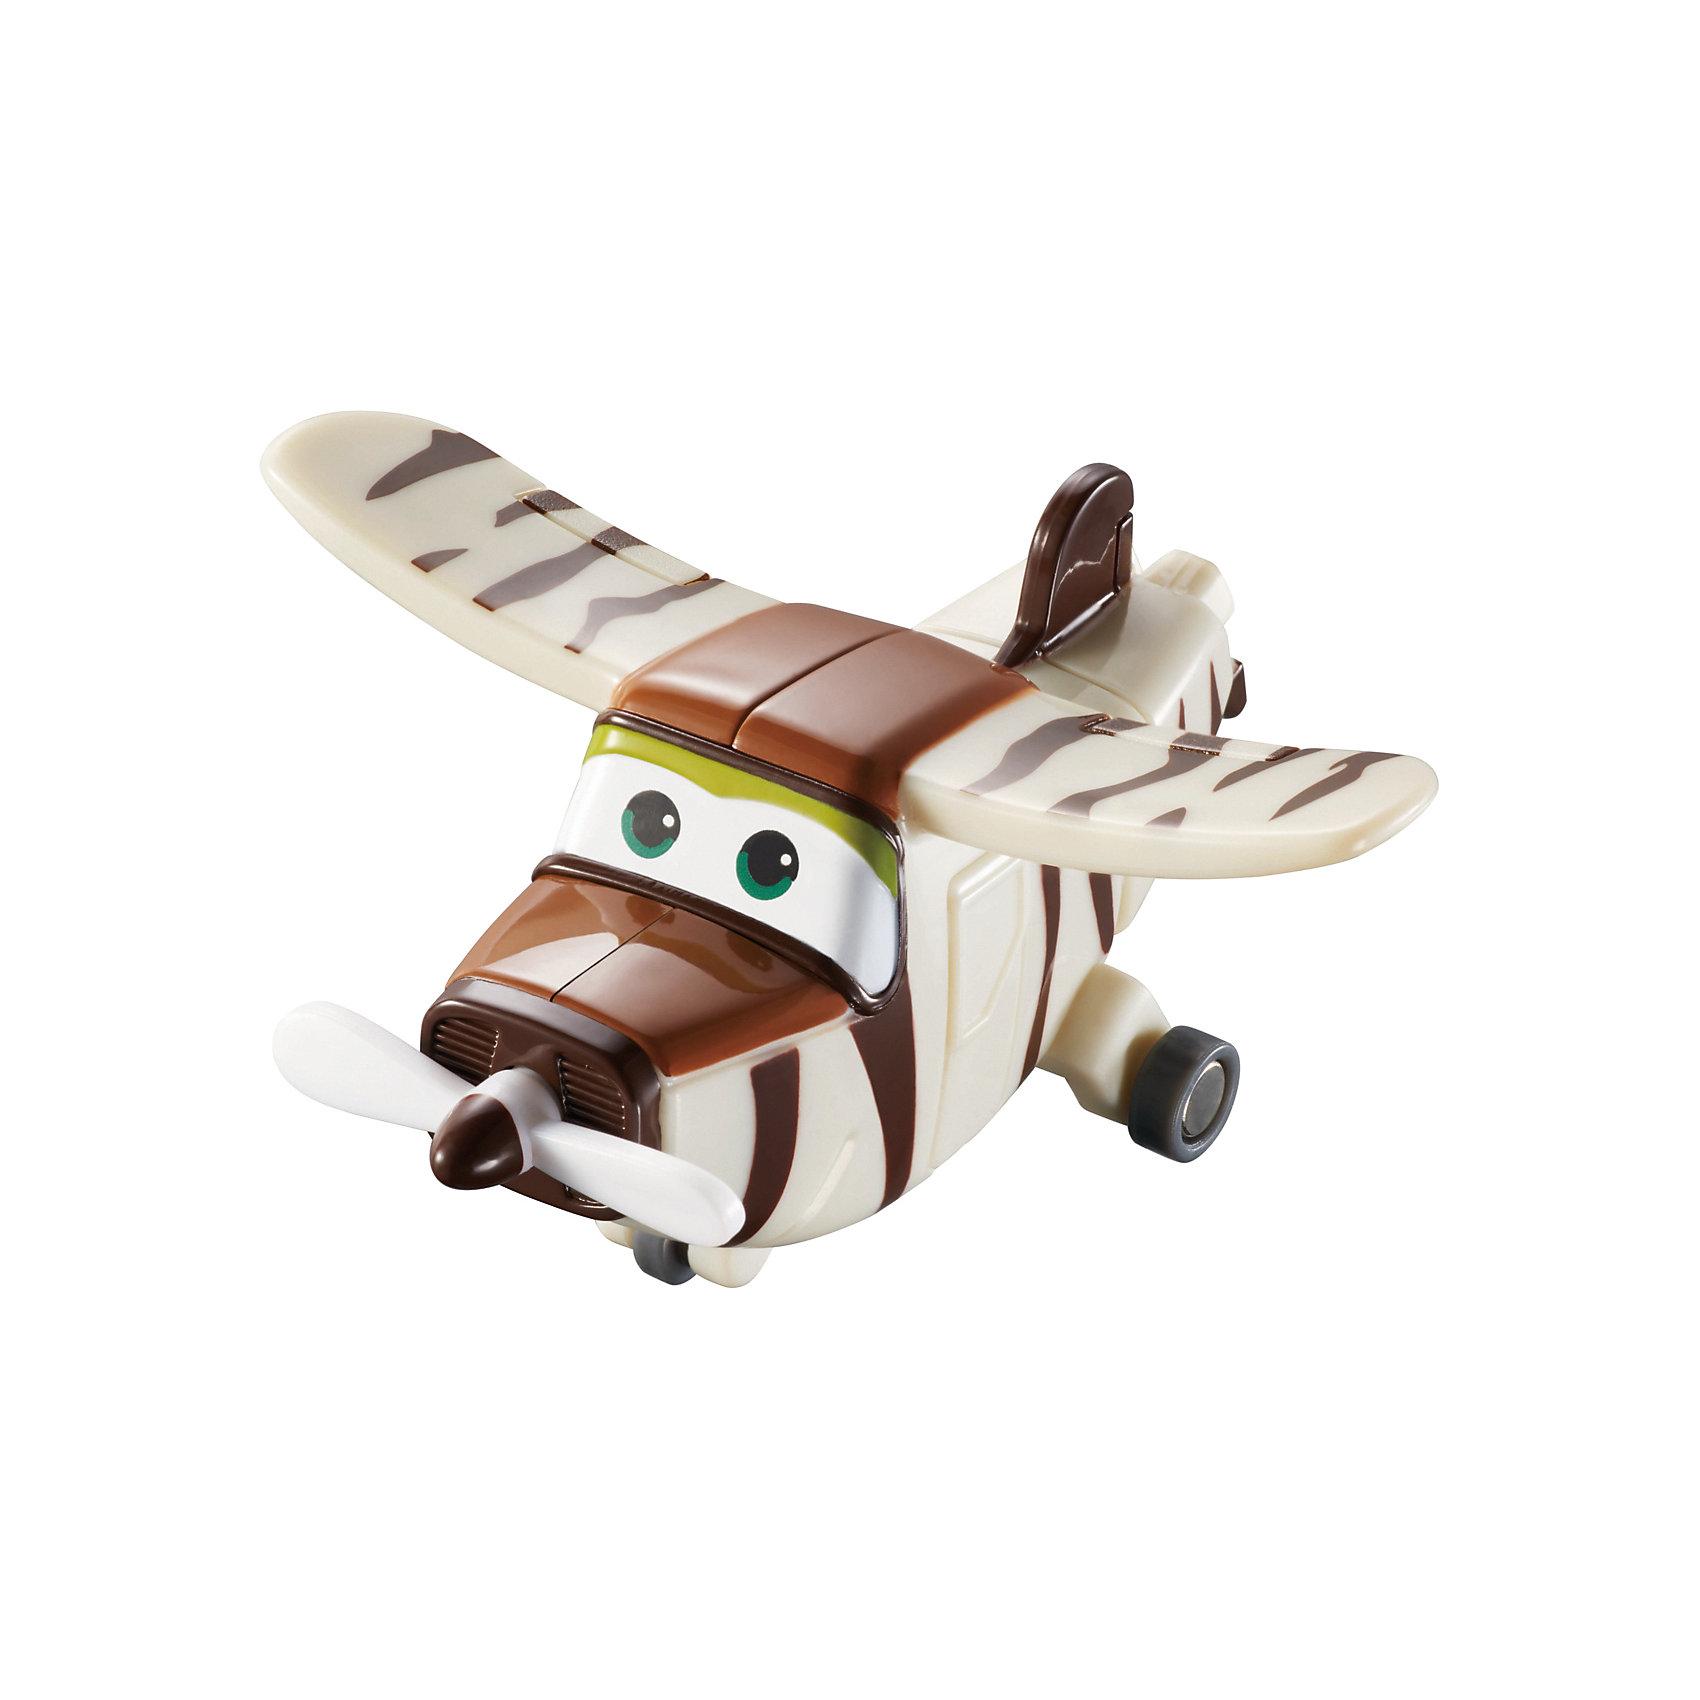 Мини-трансформер Бэлло, Супер КрыльяИграть с самолетами любит практически каждый ребенок. Сделать игру ярче и увлекательнее поможет герой популярного мультфильма Супер Крылья, любимого детьми. Игрушка всего за несколько мгновений трансформируется из самолета в робота. К нему можно также фигурки-трансформеры заказать друзей из этого мультфильма! Компактный размер позволит ребенку брать игрушку с собой в гости или на прогулку.                <br>Этот трансформер обязательно порадует ребенка! Игры с ним также помогают детям развивать воображение, логику, мелкую моторику и творческое мышление. Самолет сделан из качественных и безопасных для ребенка материалов.<br><br>Дополнительная информация:<br><br>цвет: разноцветный;<br>размер упаковки: 12 х 15 х 6 см;<br>вес: 300 г;<br>материал: пластик.<br><br>Игрушку Мини-трансформер Бэлло можно купить в нашем магазине.<br><br>Ширина мм: 120<br>Глубина мм: 155<br>Высота мм: 620<br>Вес г: 300<br>Возраст от месяцев: 36<br>Возраст до месяцев: 2147483647<br>Пол: Мужской<br>Возраст: Детский<br>SKU: 4918769